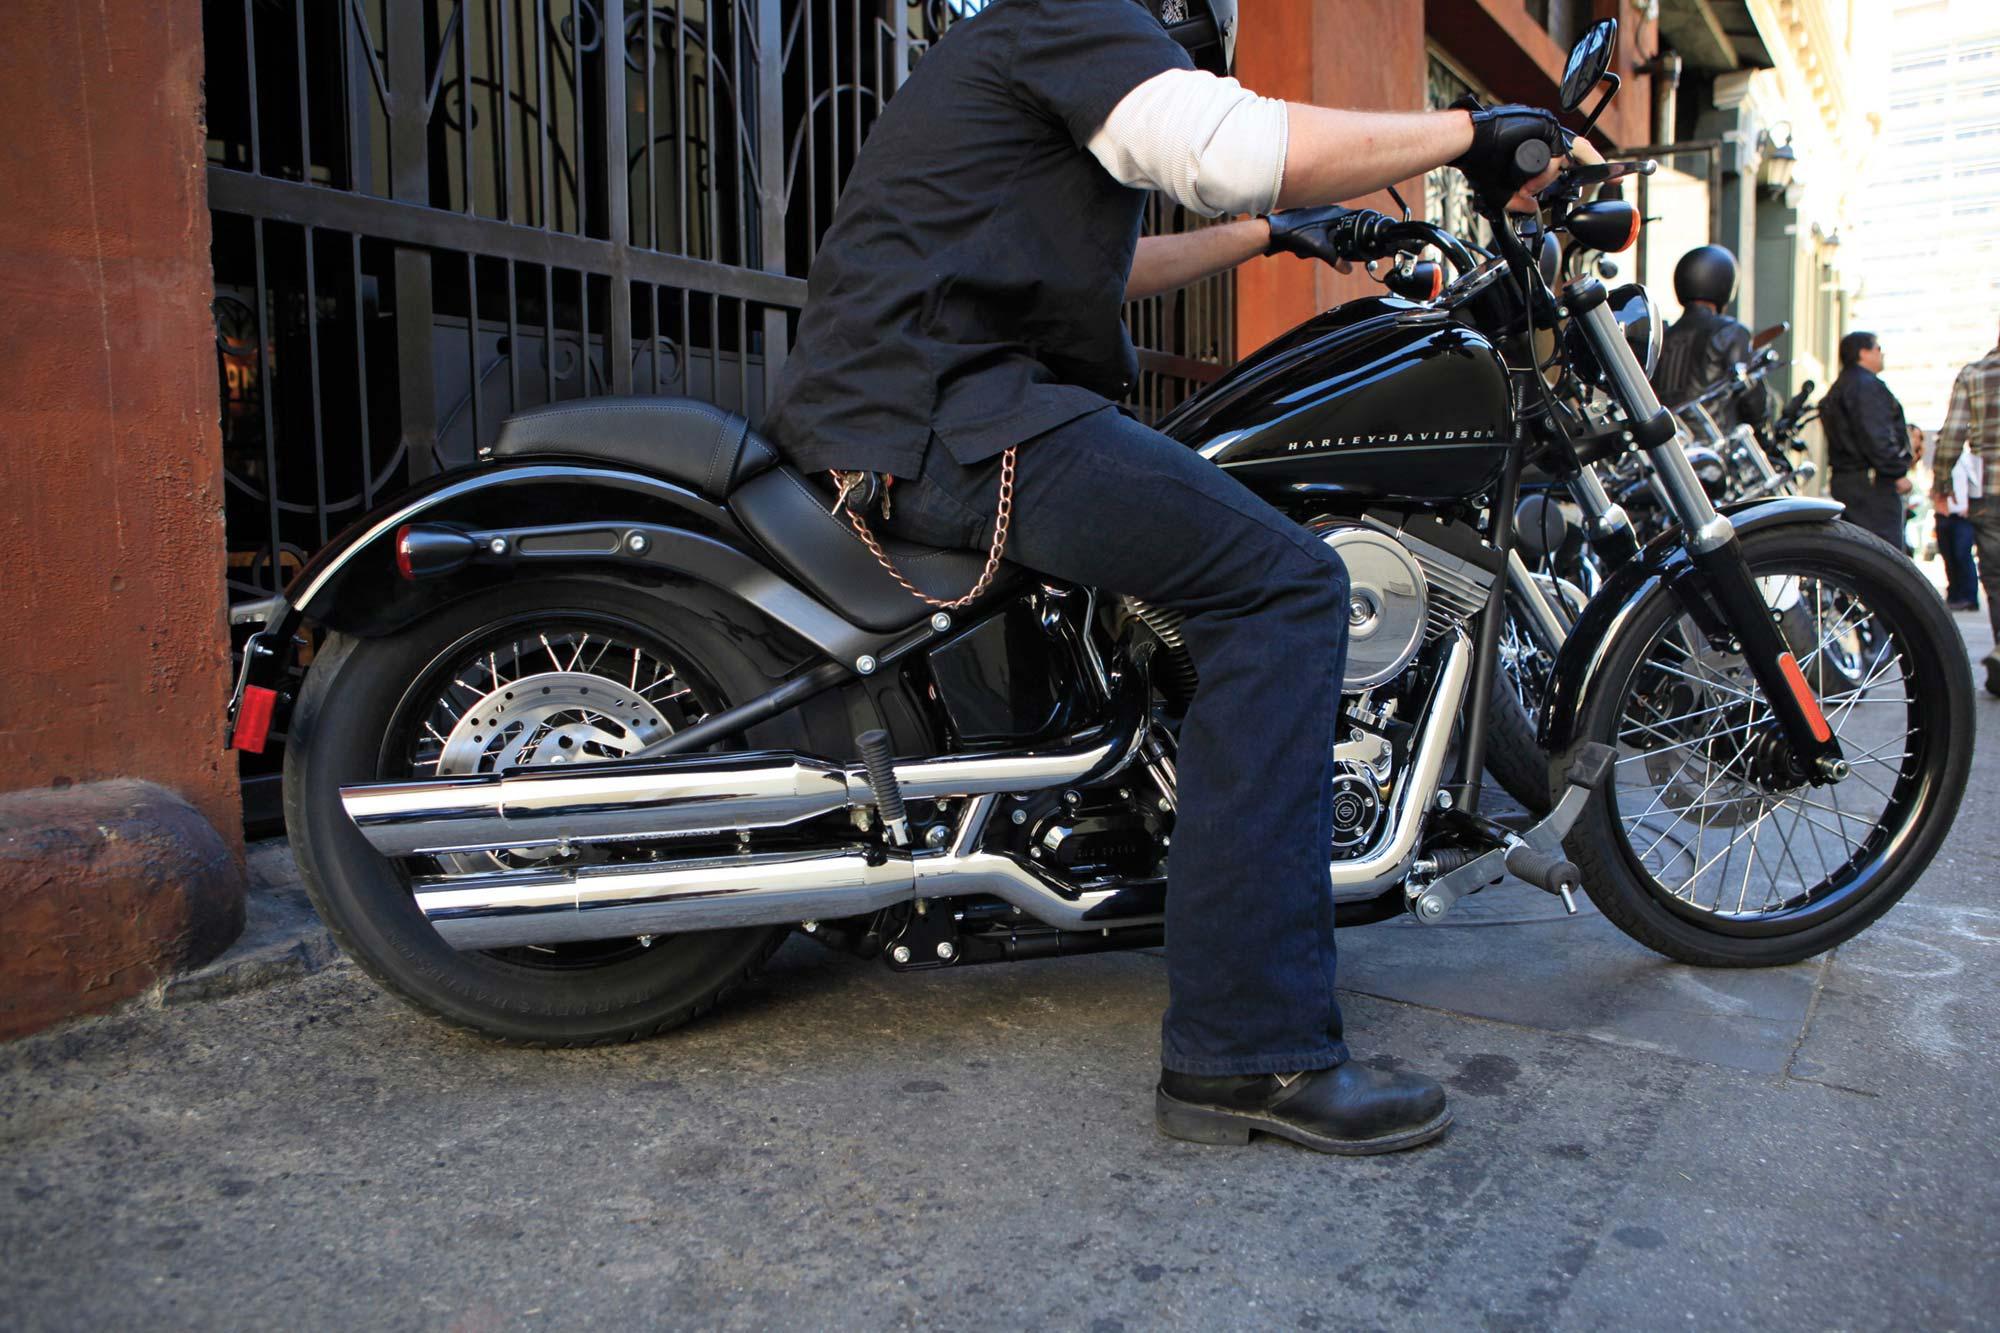 2011 Harley-Davidson Blackline - Asphalt & Rubber